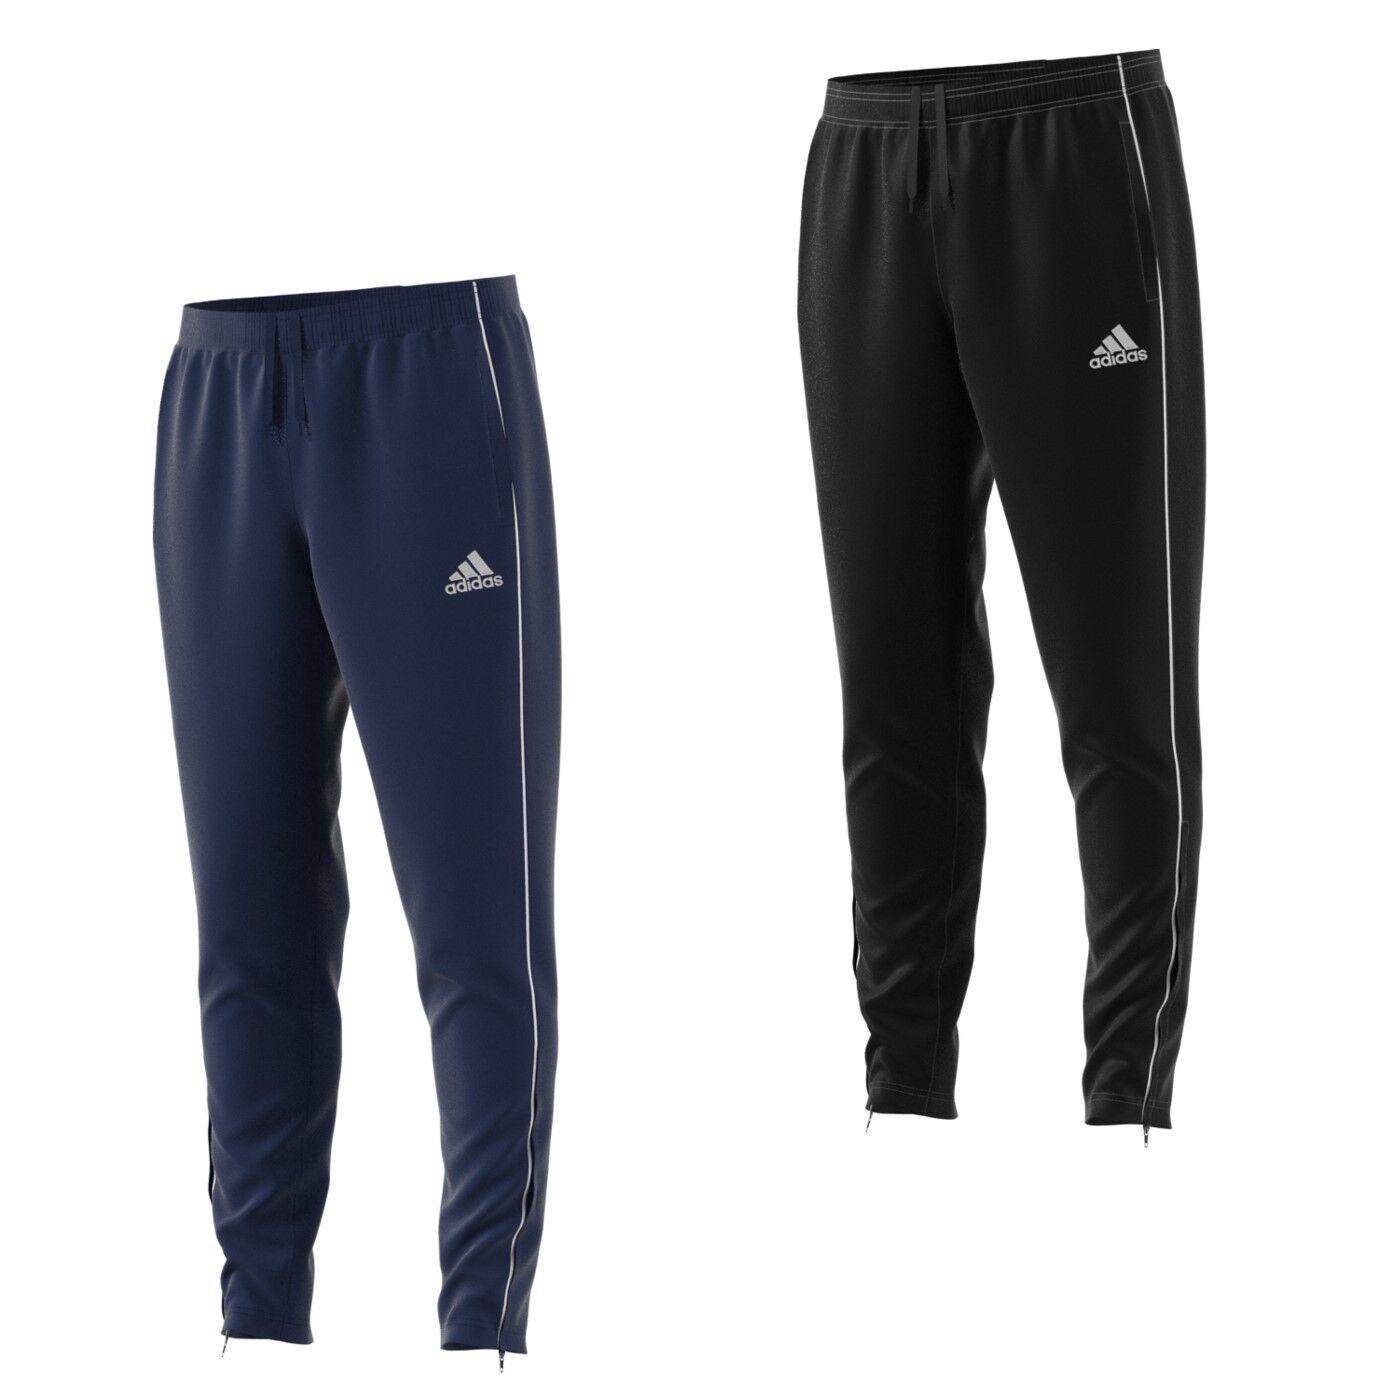 d78460feeefb80 adidas Jogging Hose Herren Fußball Trainingshose lang verschließbaren  Taschen